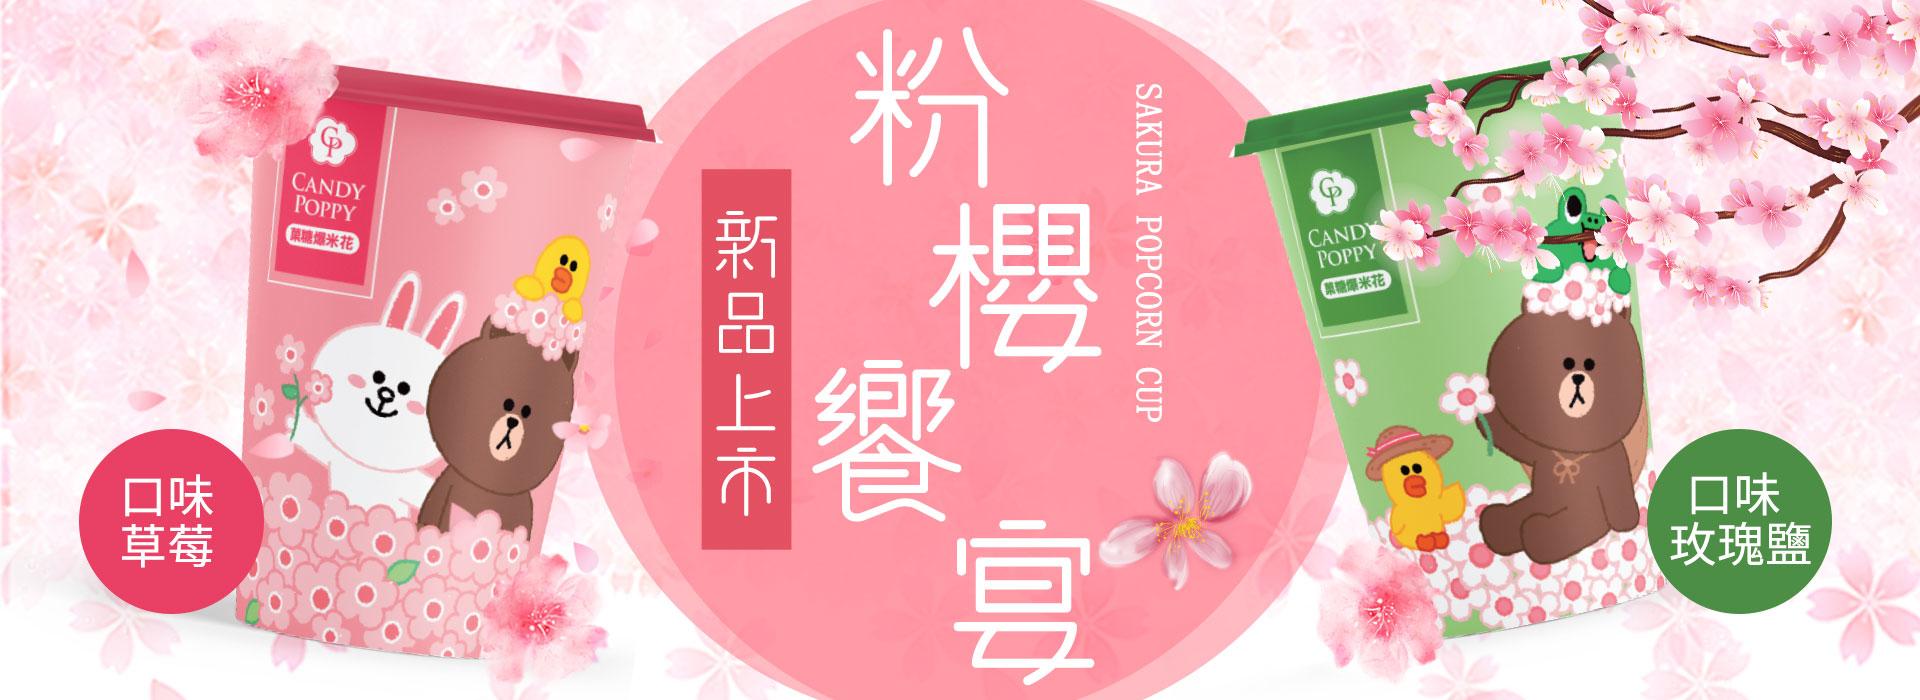 LINE櫻花款爆米花杯-草莓&玫瑰鹽口味上市